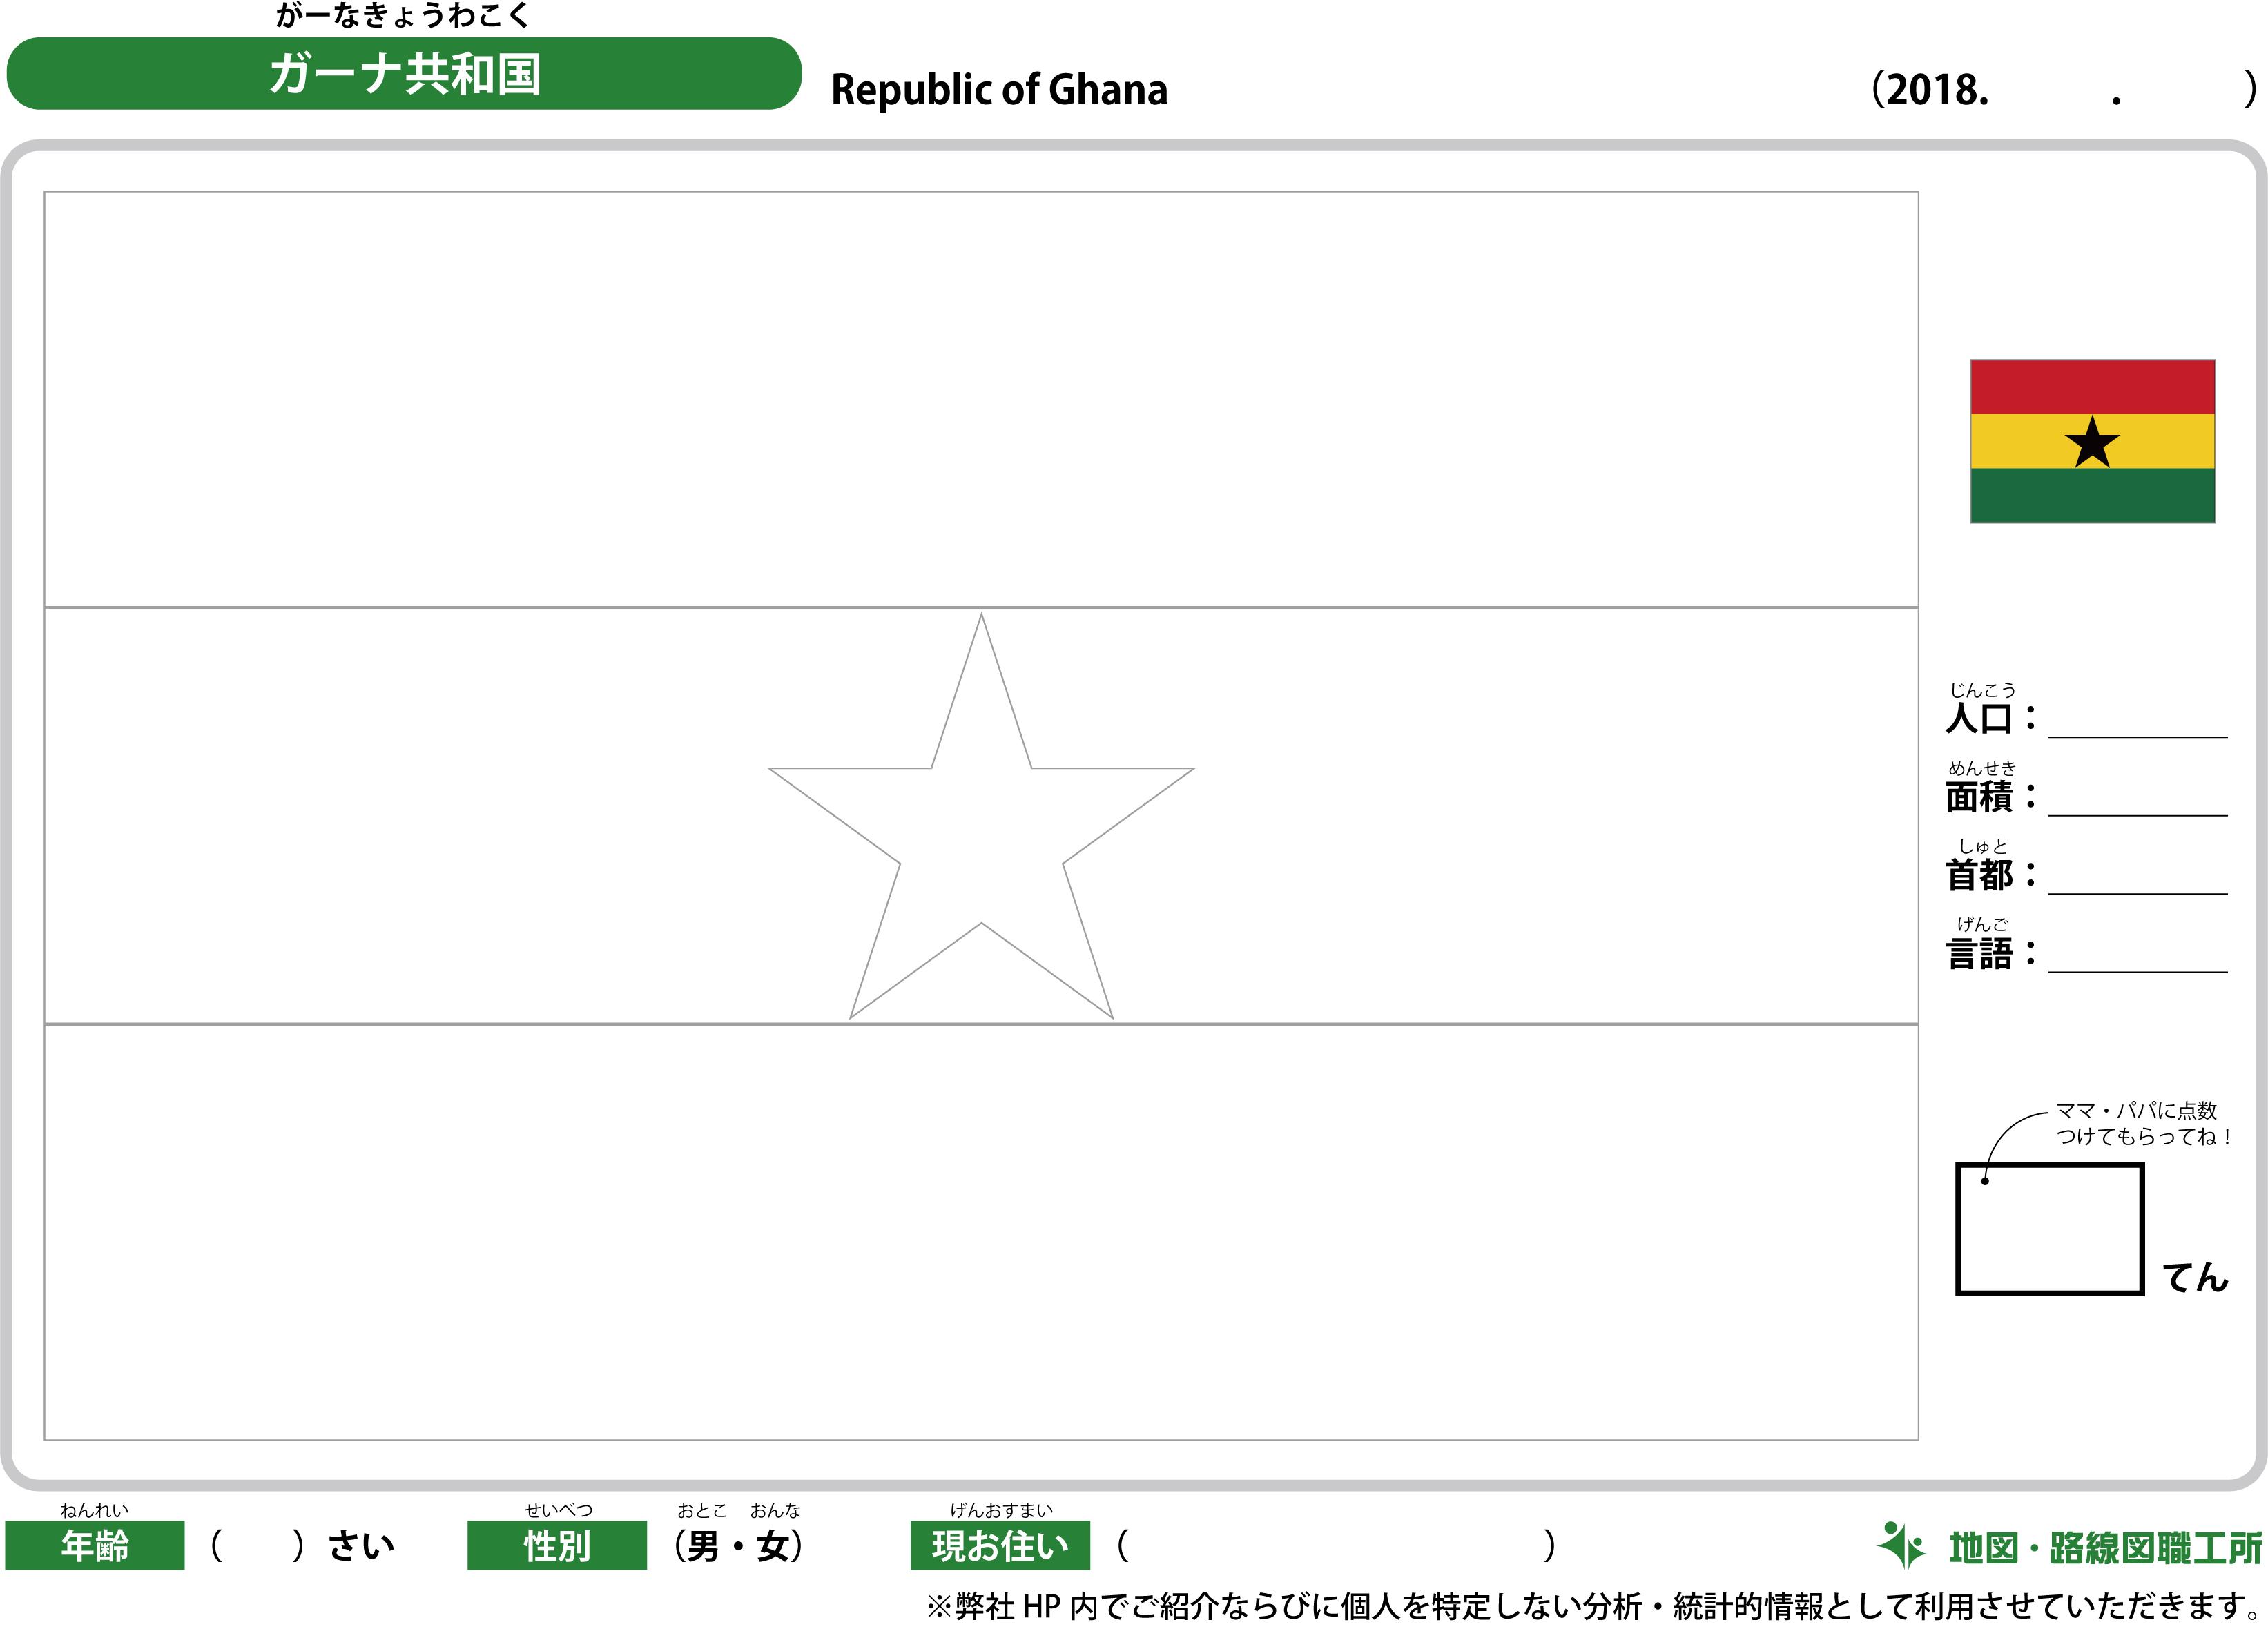 ガーナ共和国